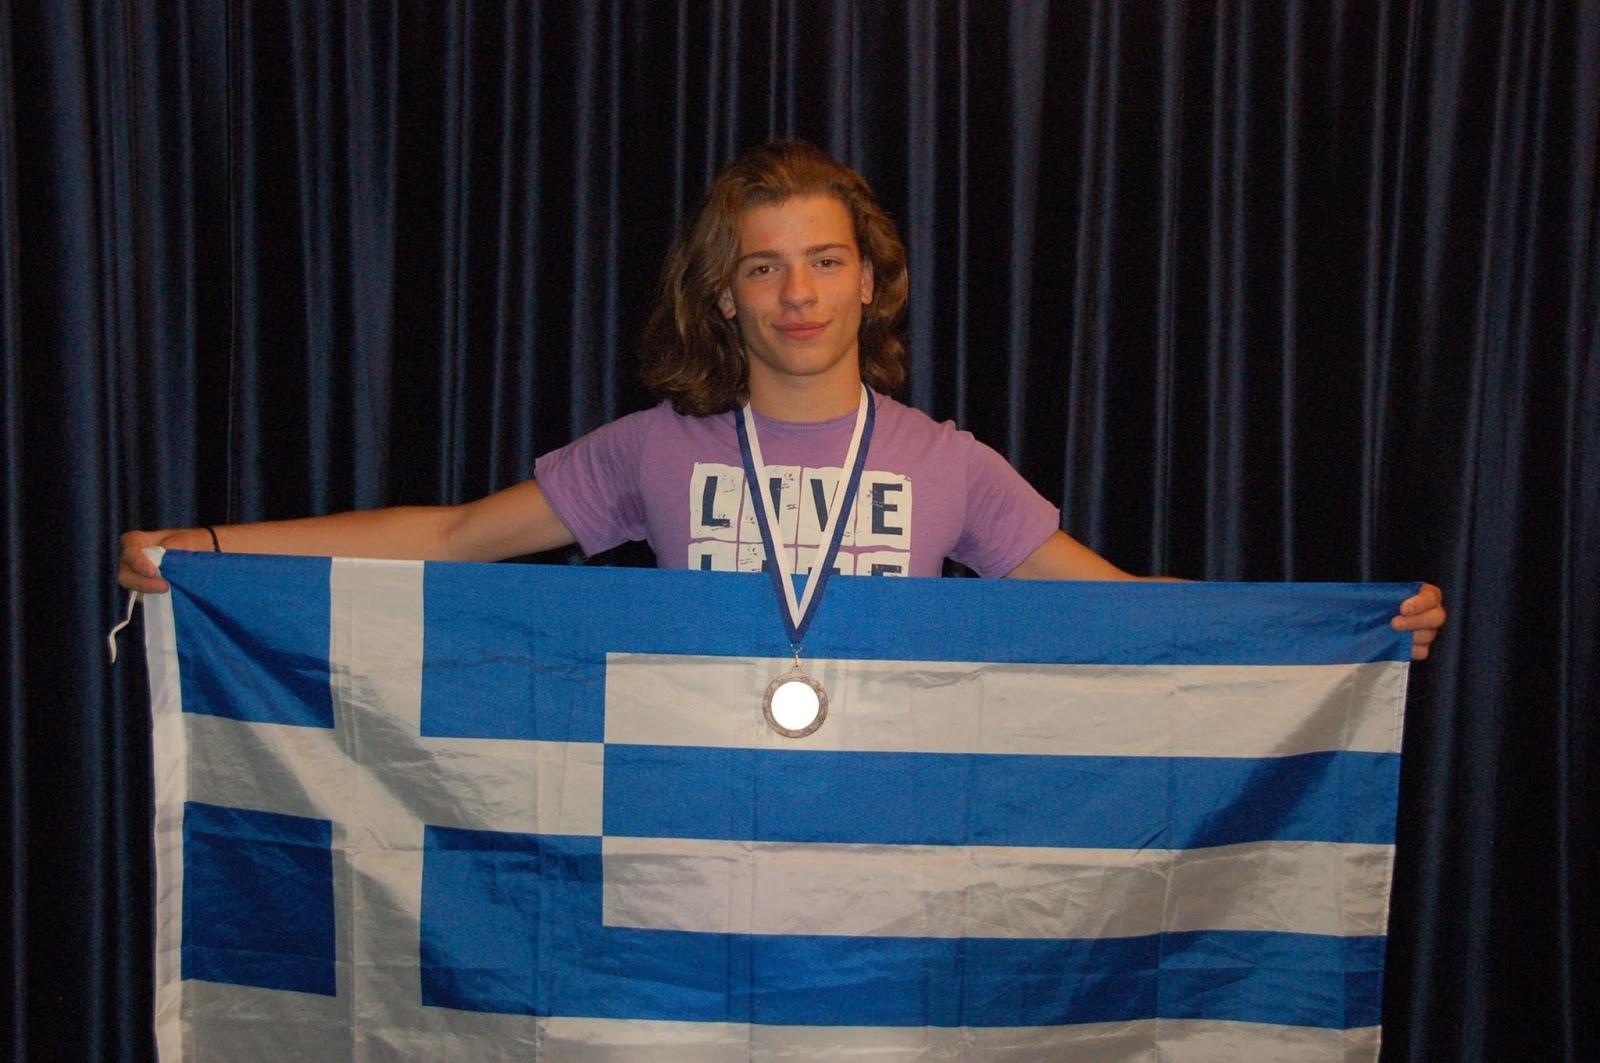 Μεγάλη επιτυχία Λαρισαίου μαθητή σε μαθηματική Βαλκανιάδα